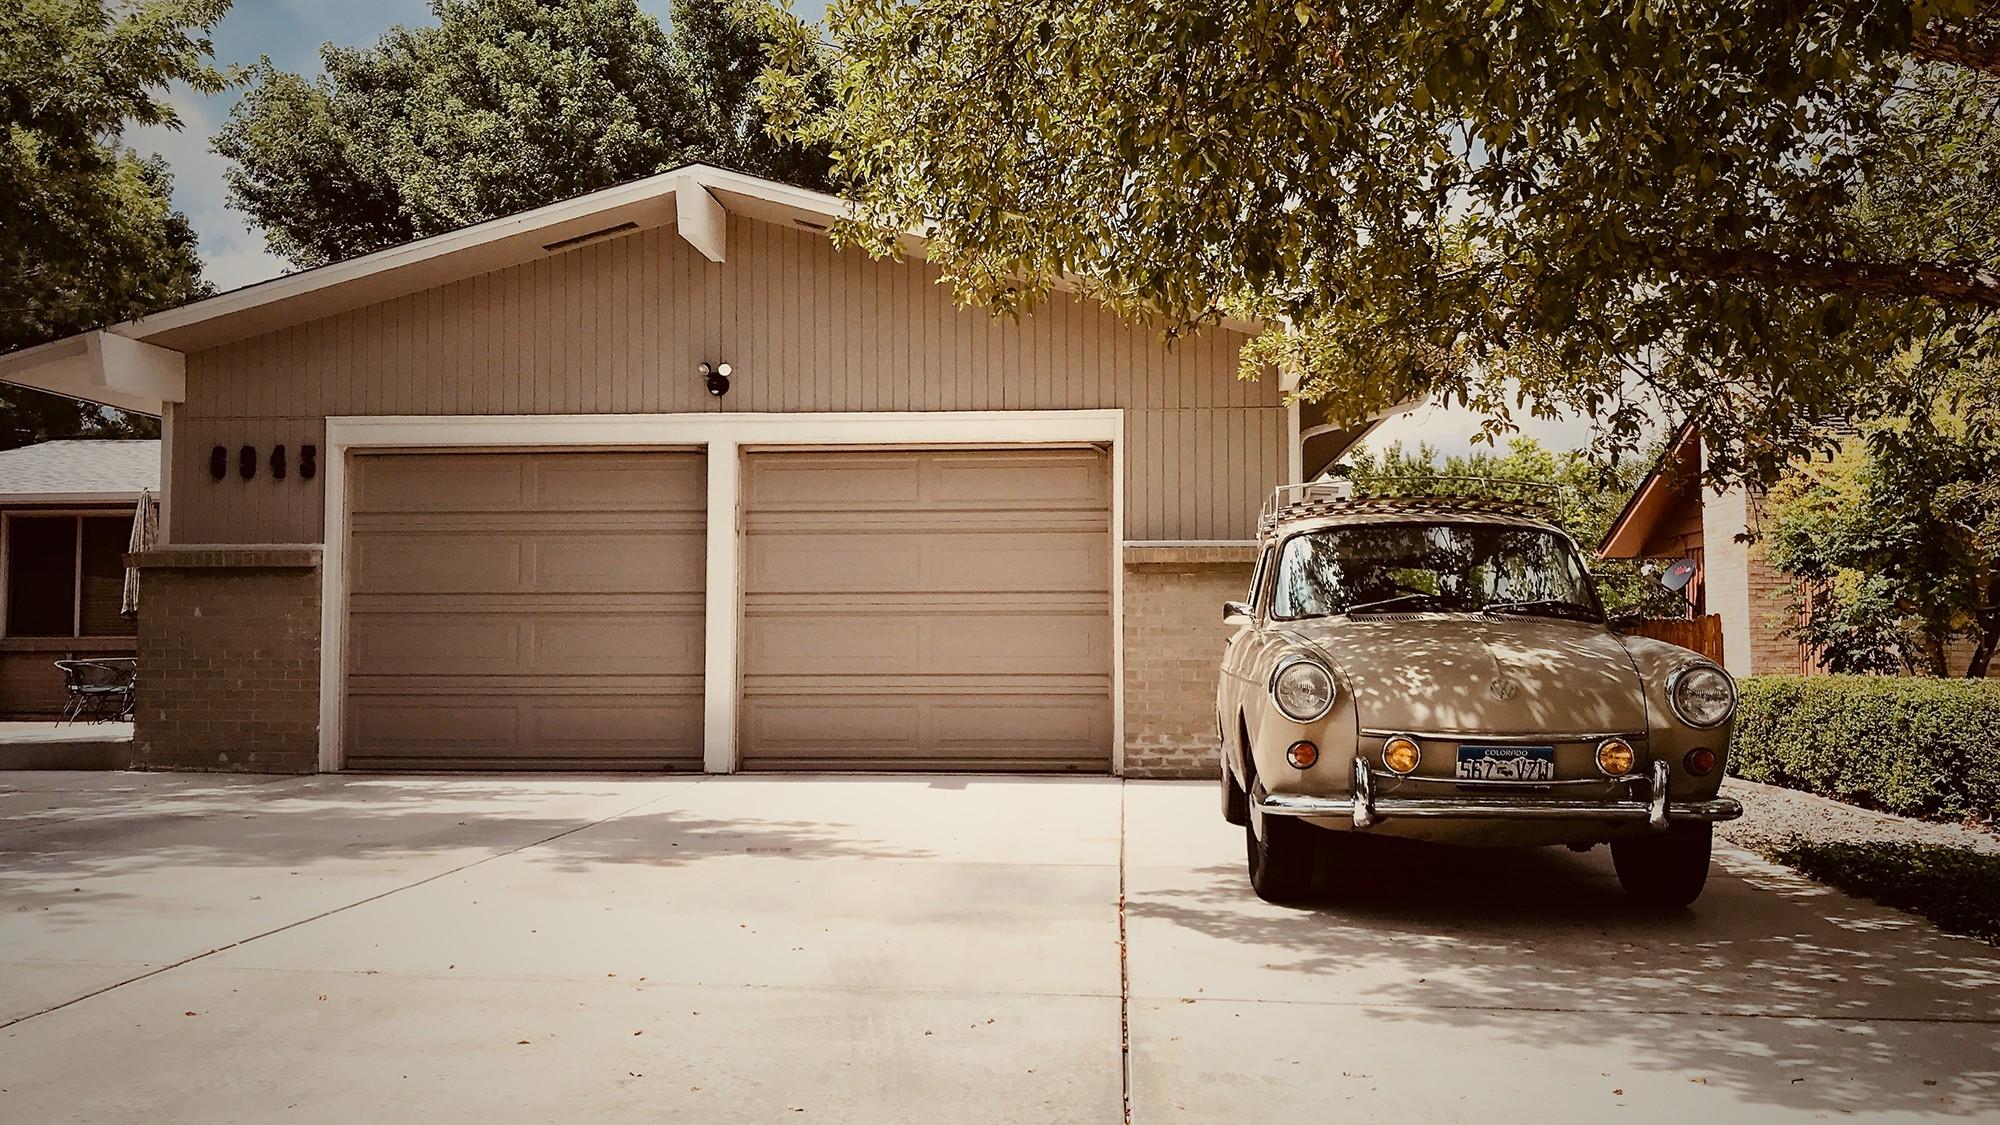 Desain Garasi Mobil Inspiratif Yang Aman Pada Tempat Tinggal